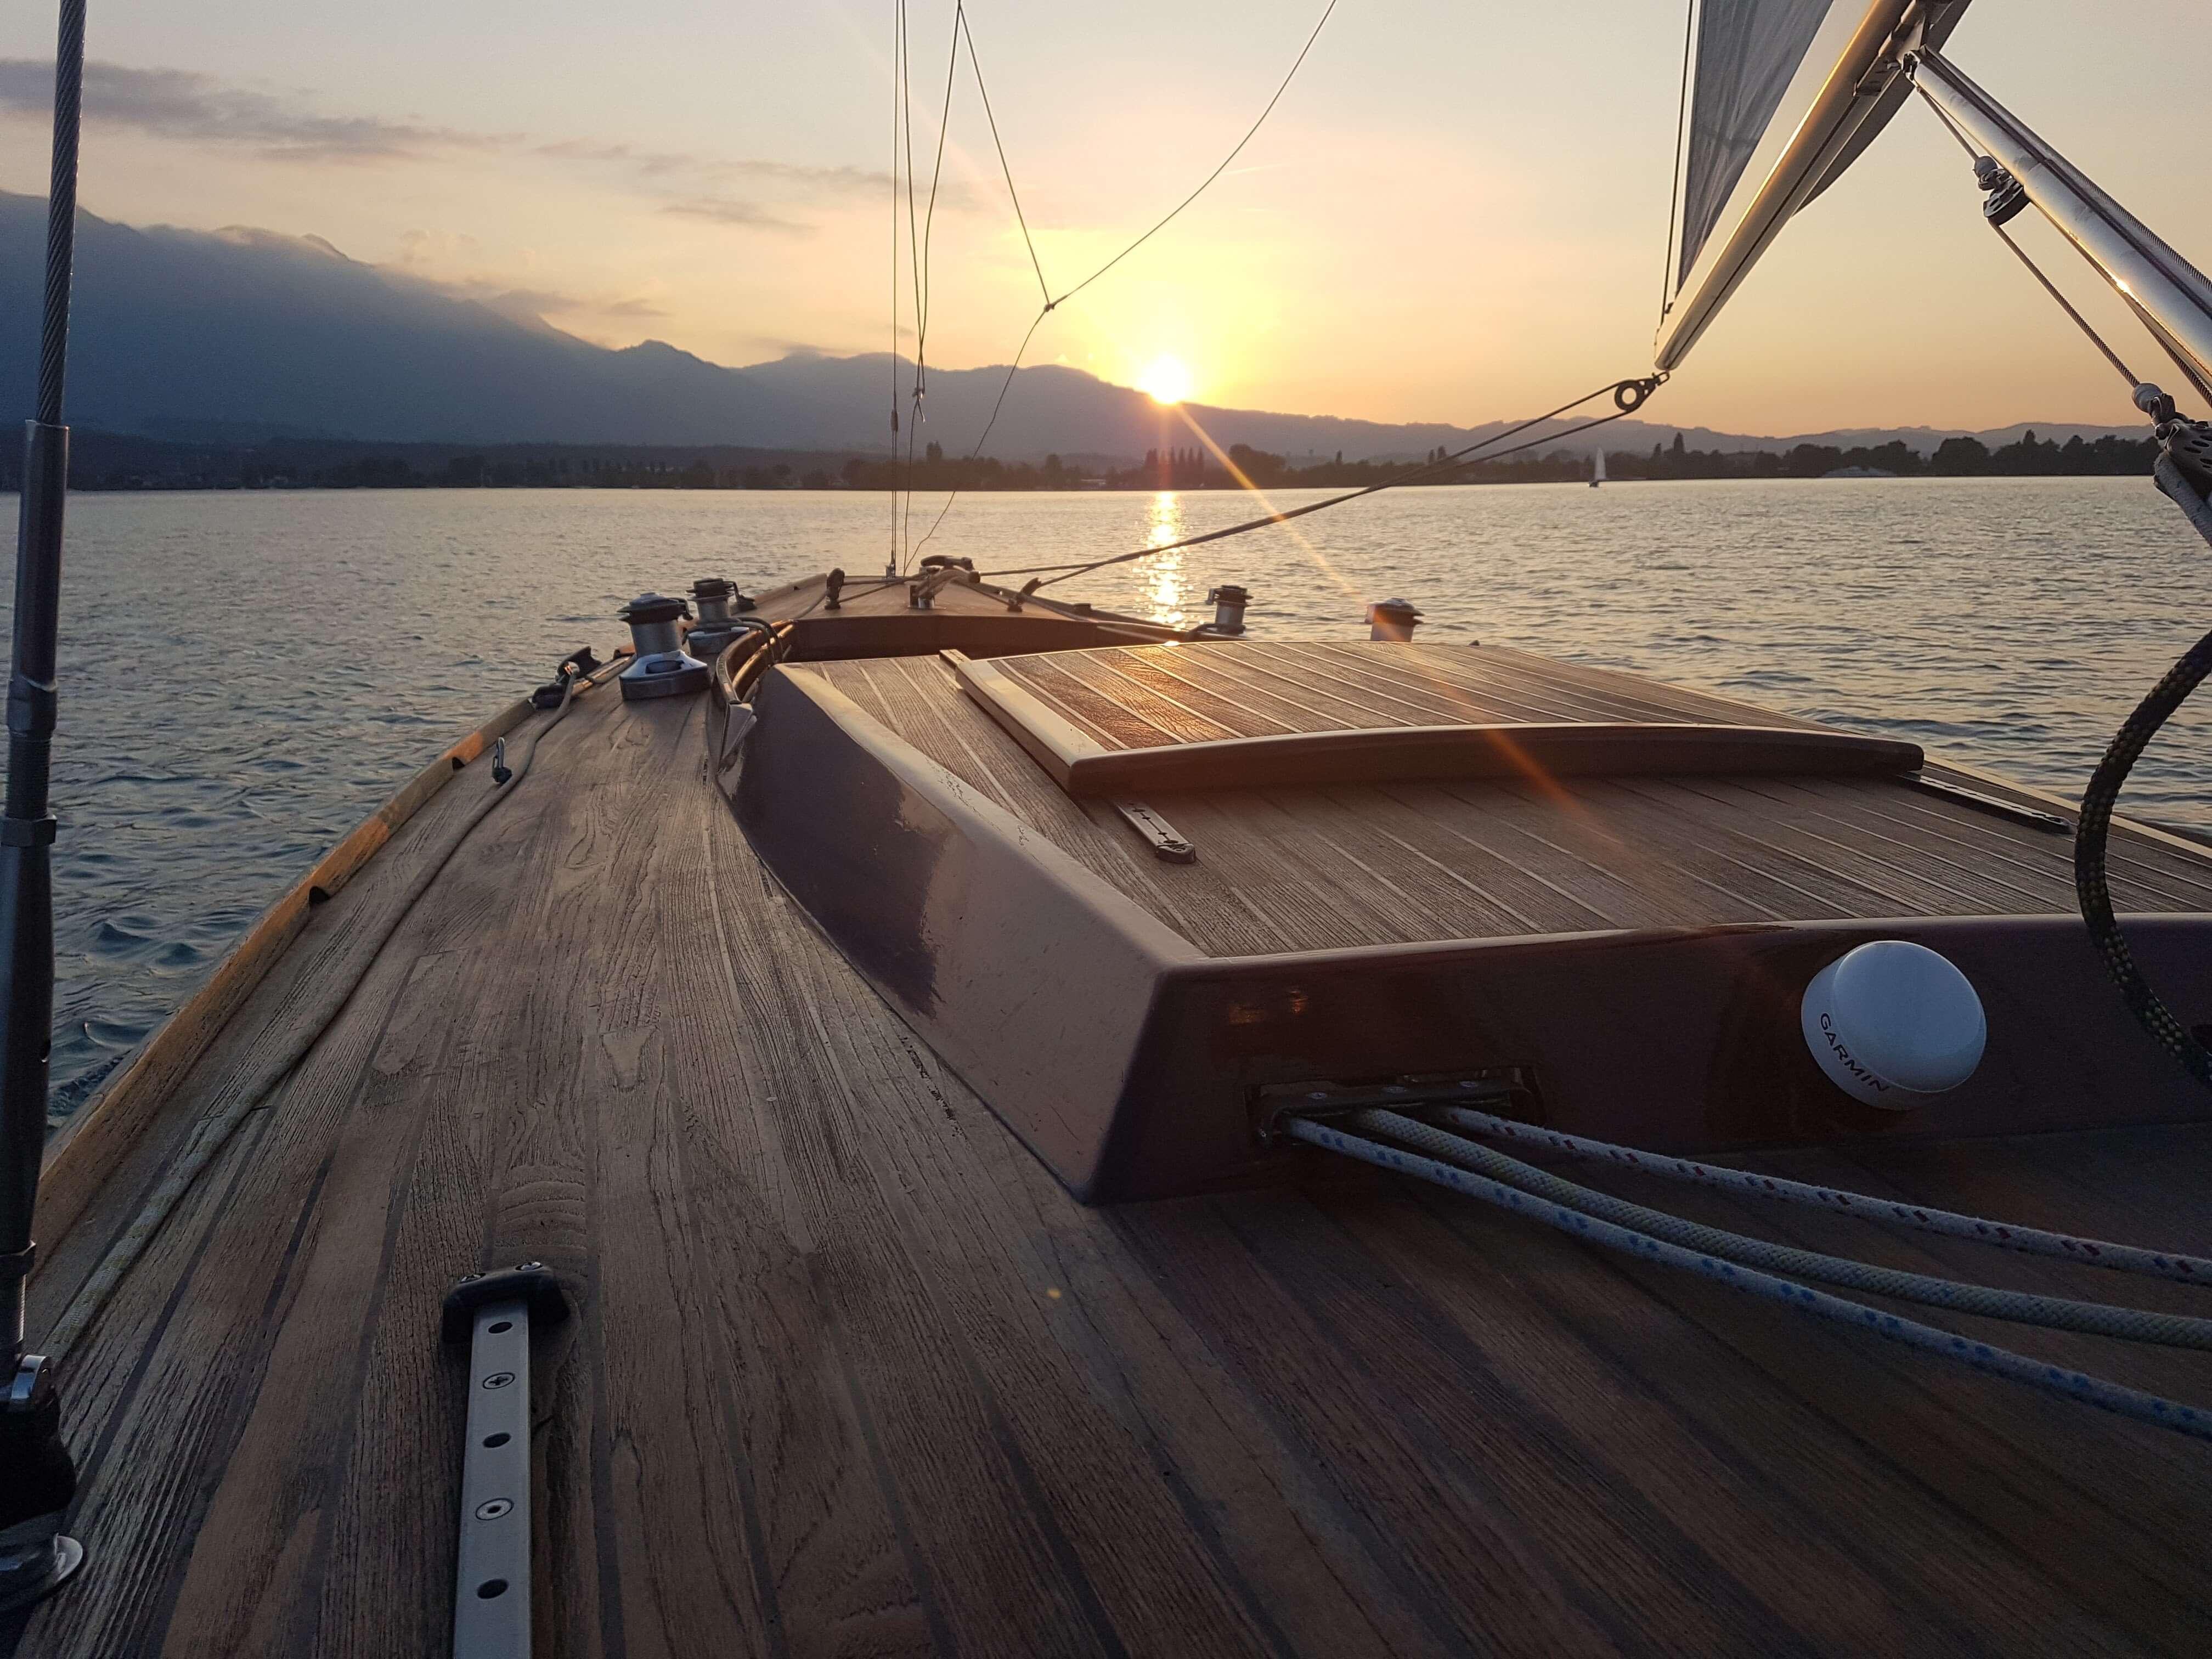 Wasser_Segelboot_Sonnenuntergang_Spiez.jpg